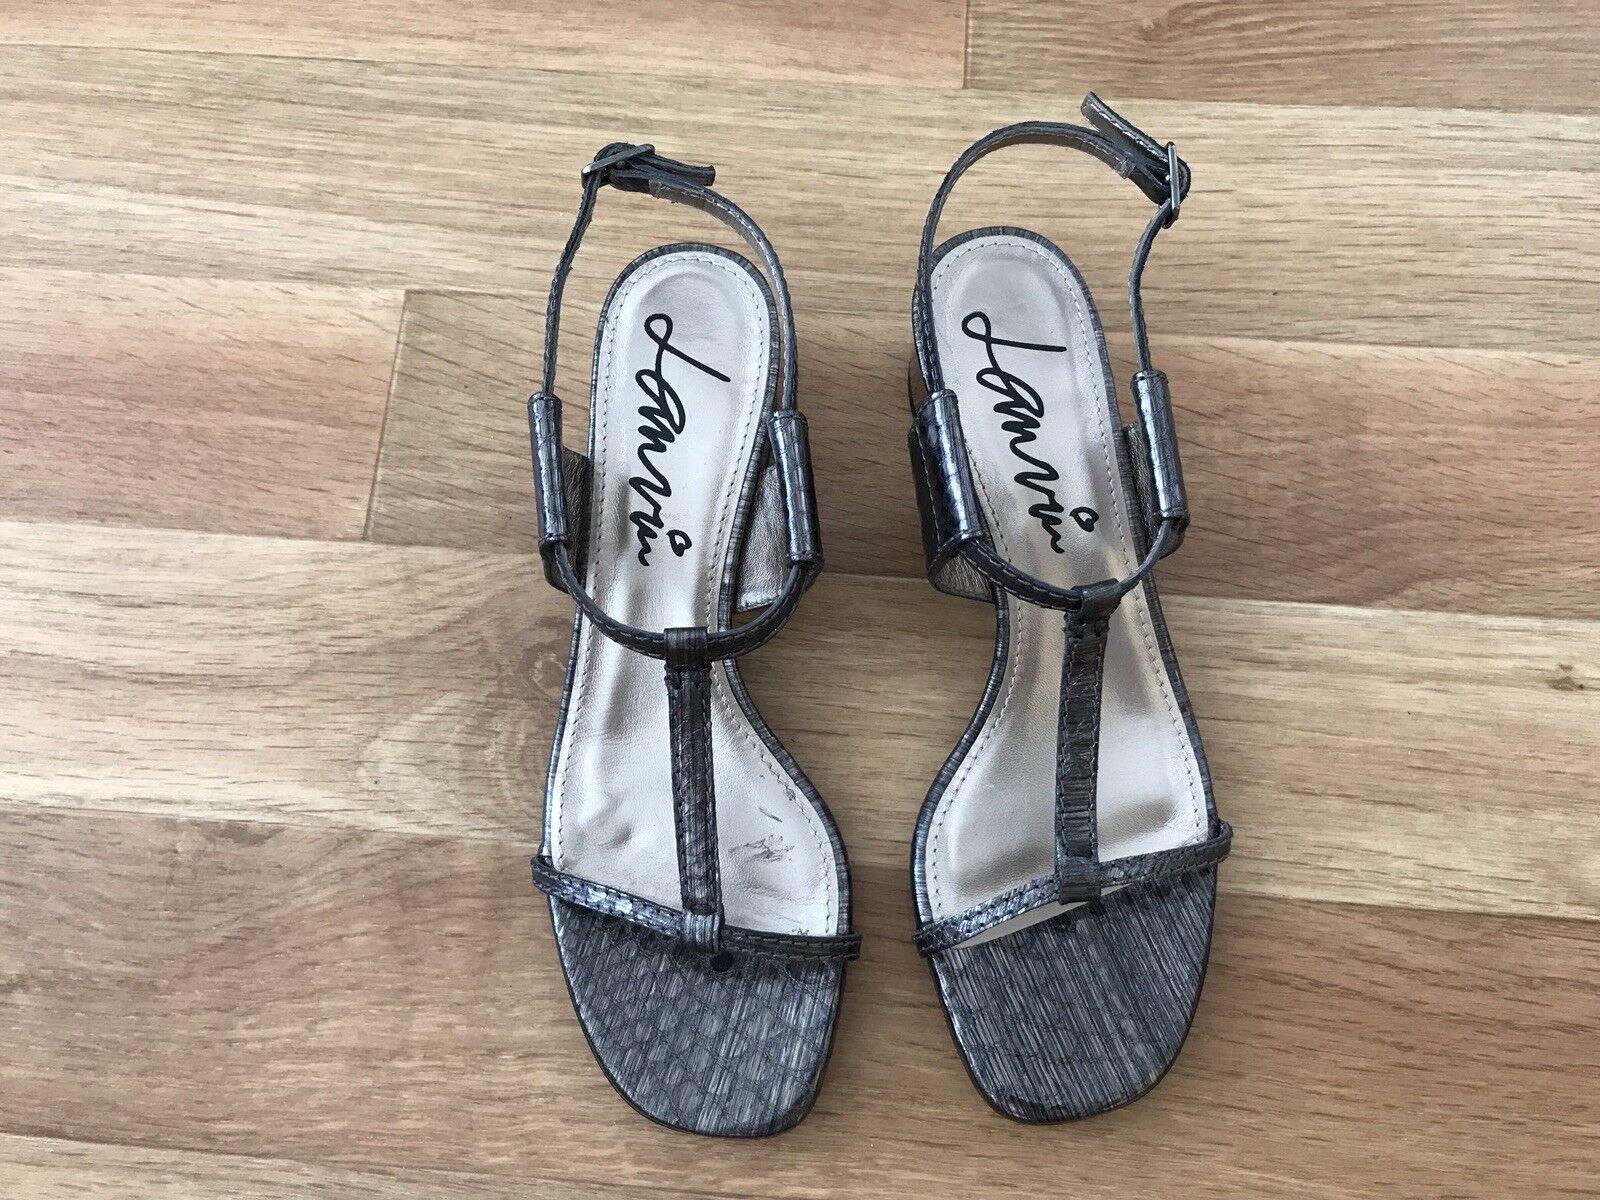 LANVIN  Luxus Sandalen echt Leder grau flach Gr. 36 neu ohne Karton    | Offizielle Webseite